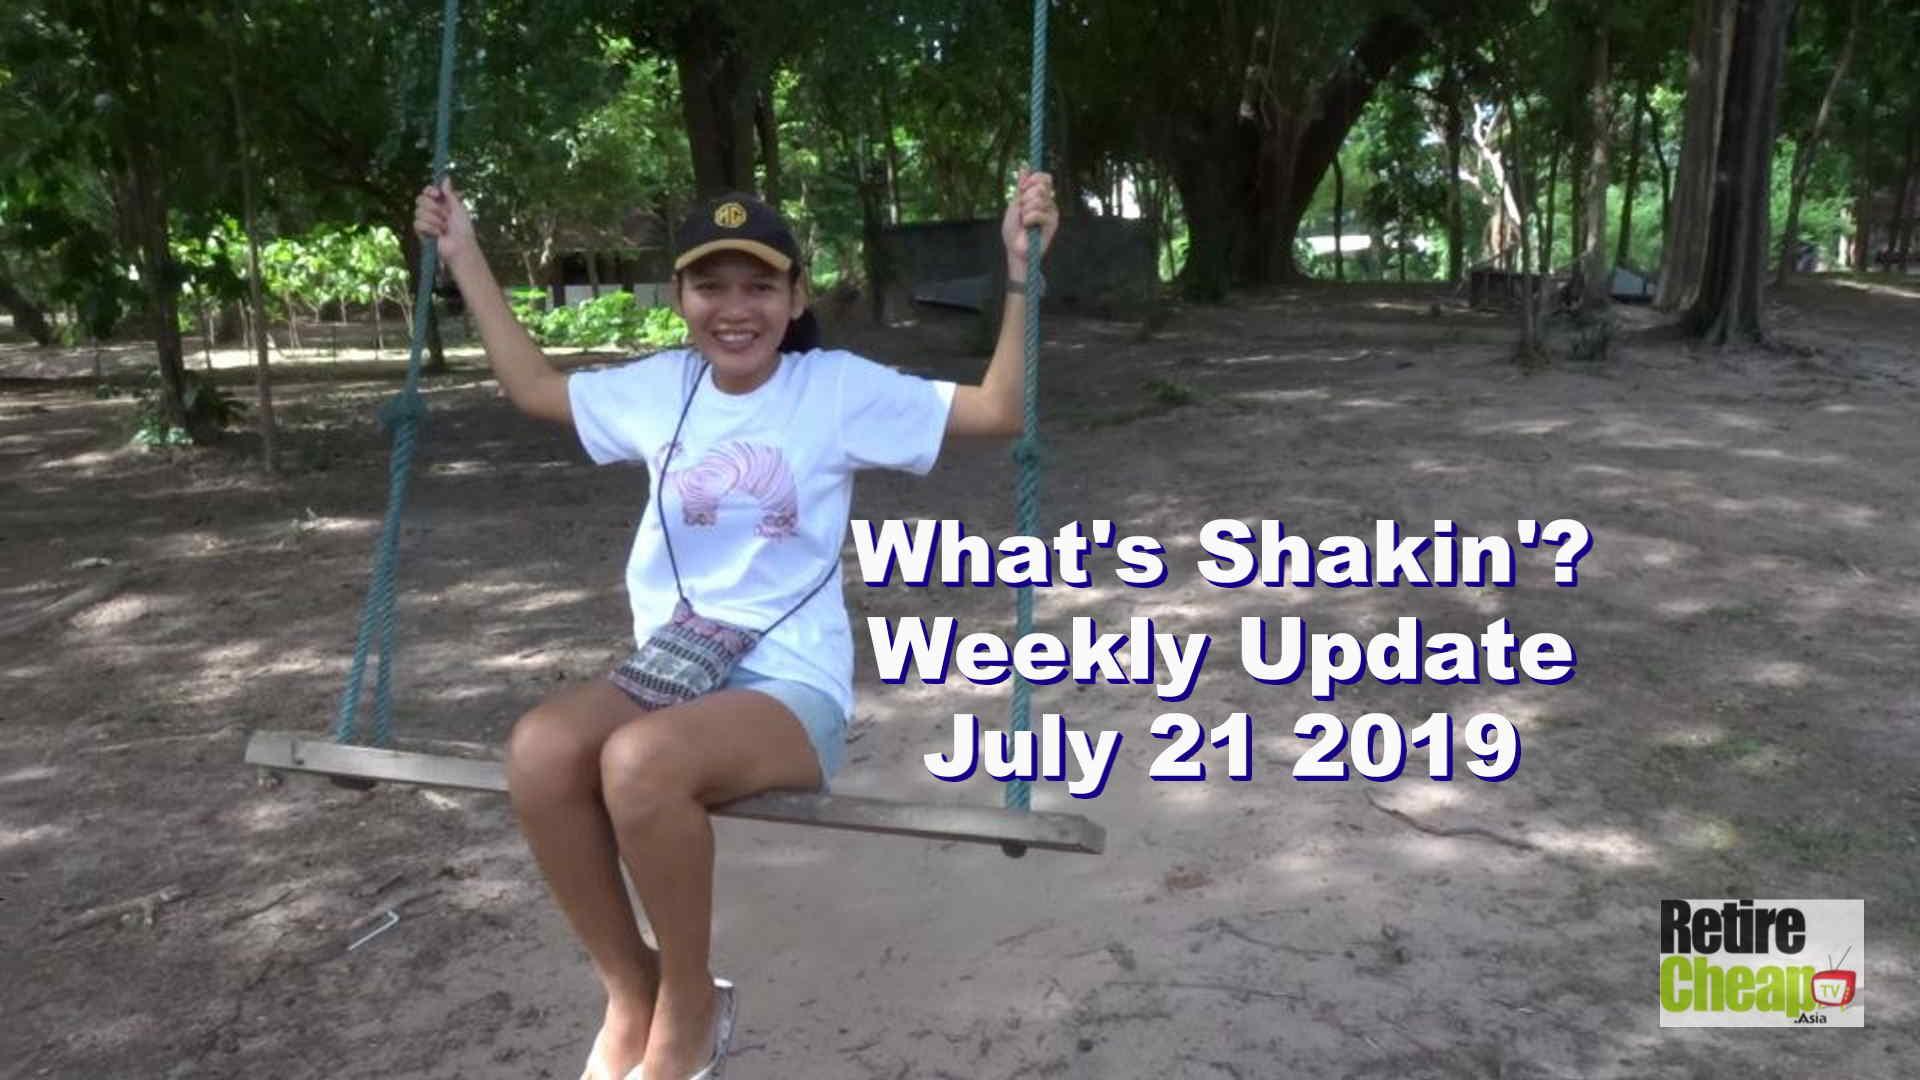 What's Shakn'? Week July 21 2019